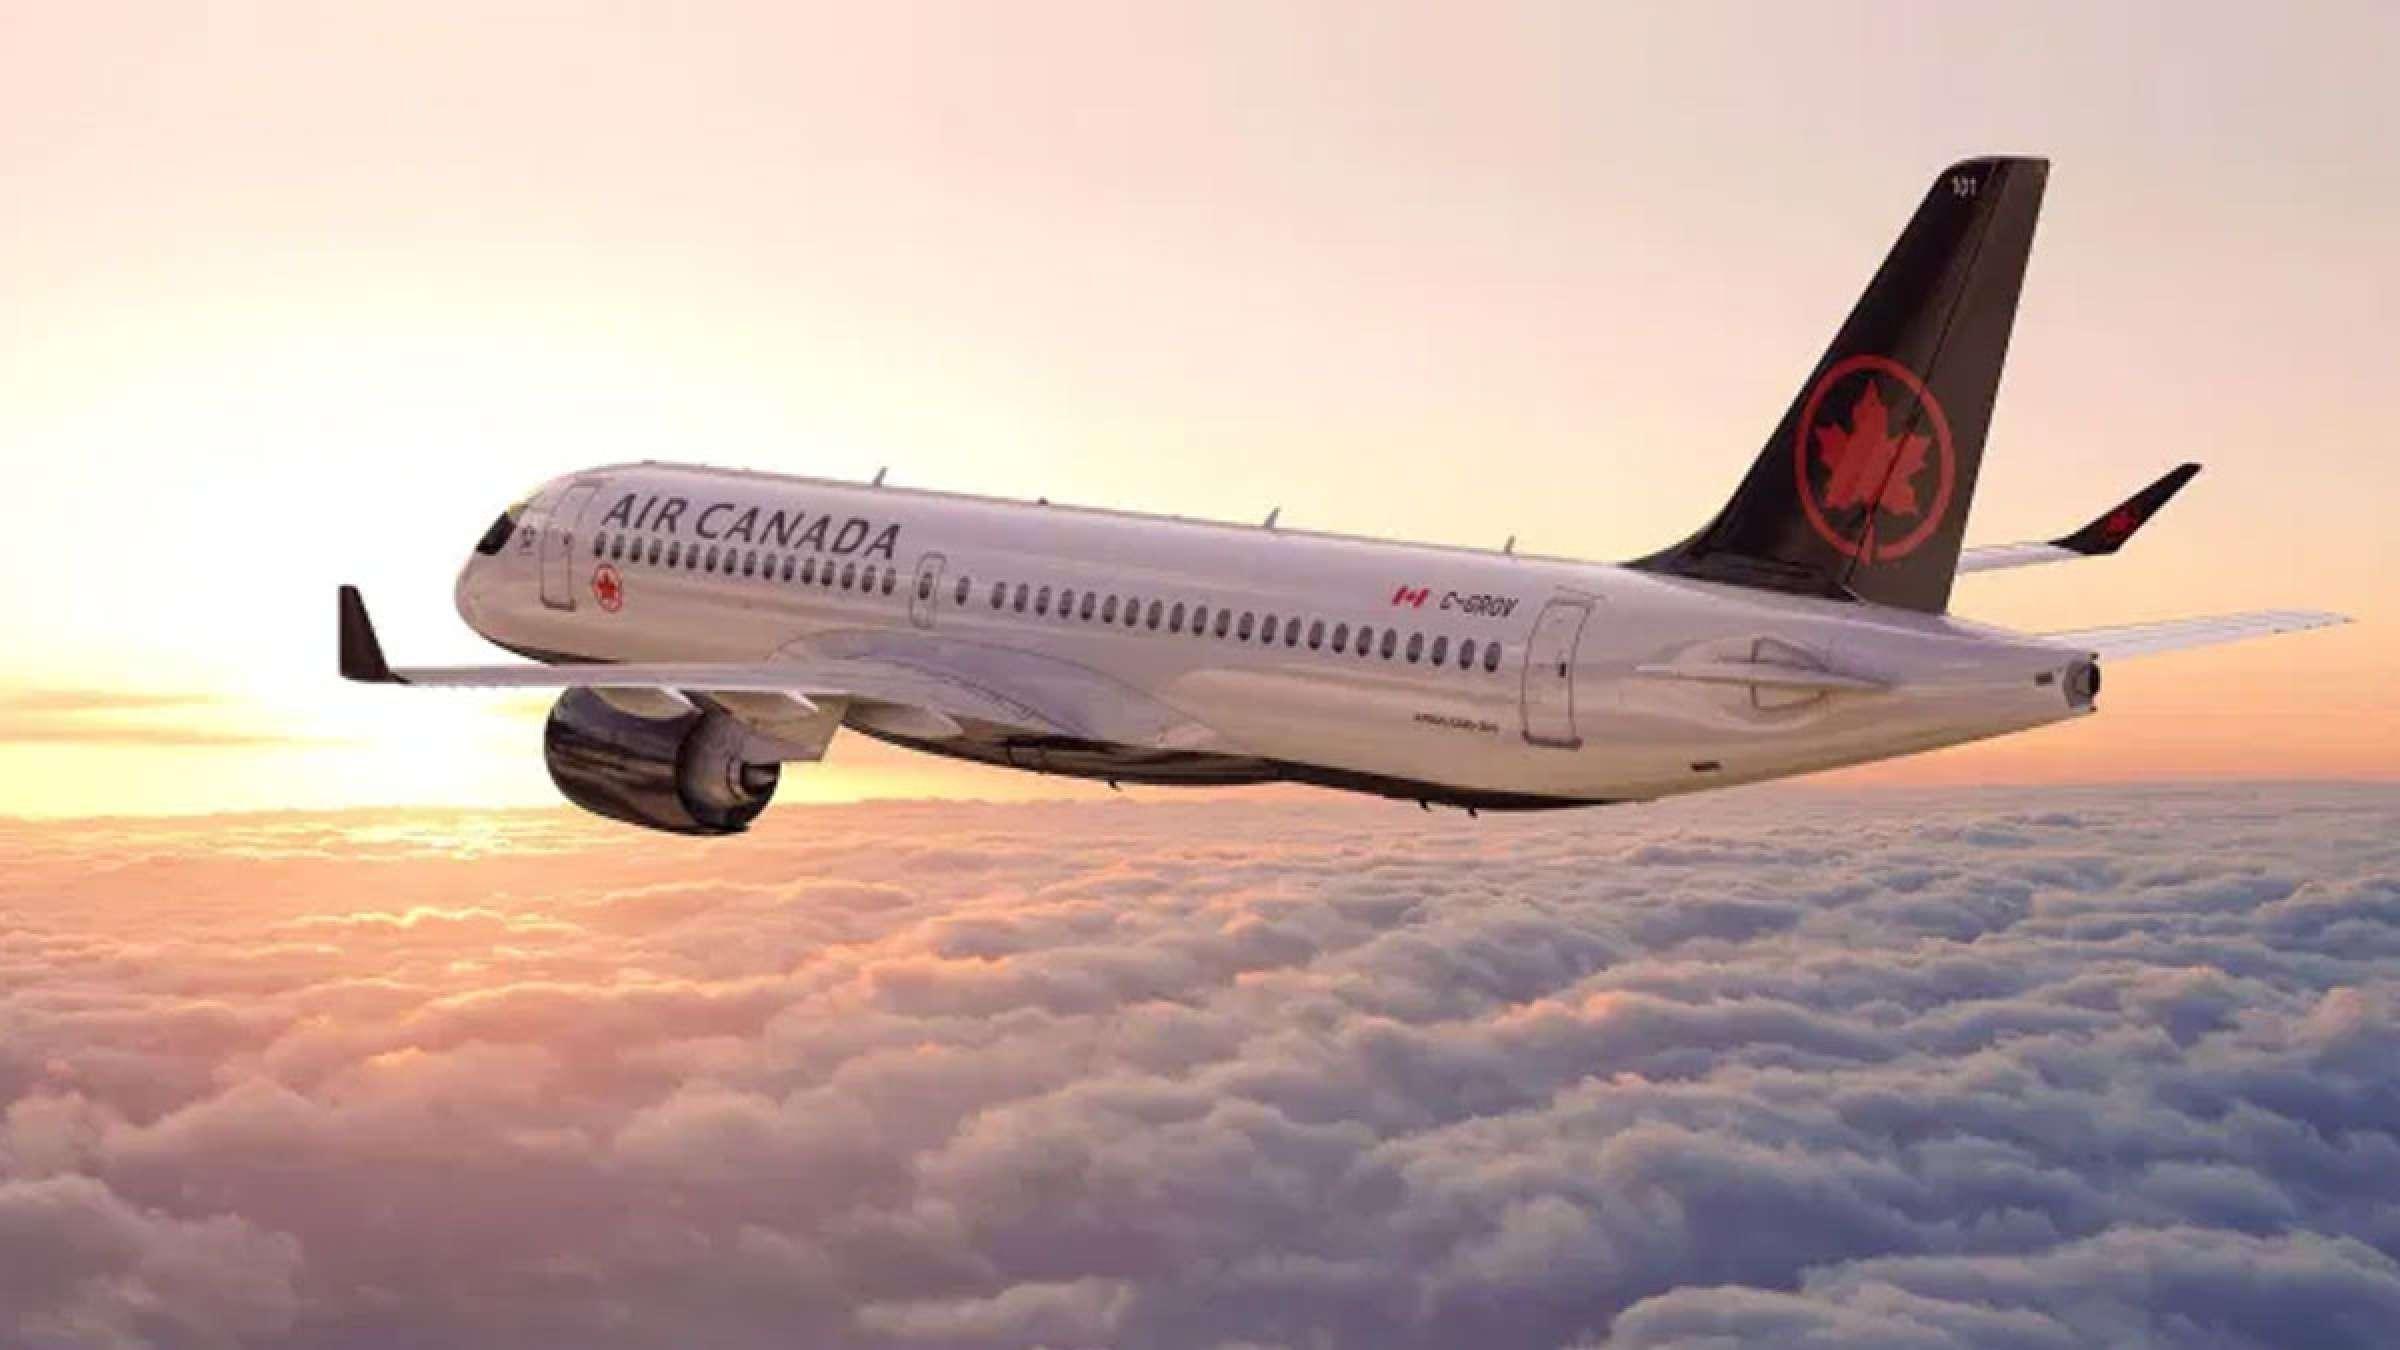 اخبار-کانادا-تغییرات-قوانین-مسافرتی-کانادا-که-از-هفته-آینده-تا-زمانی-نامشخص-آغاز-می-شود-دقیقا-چیست